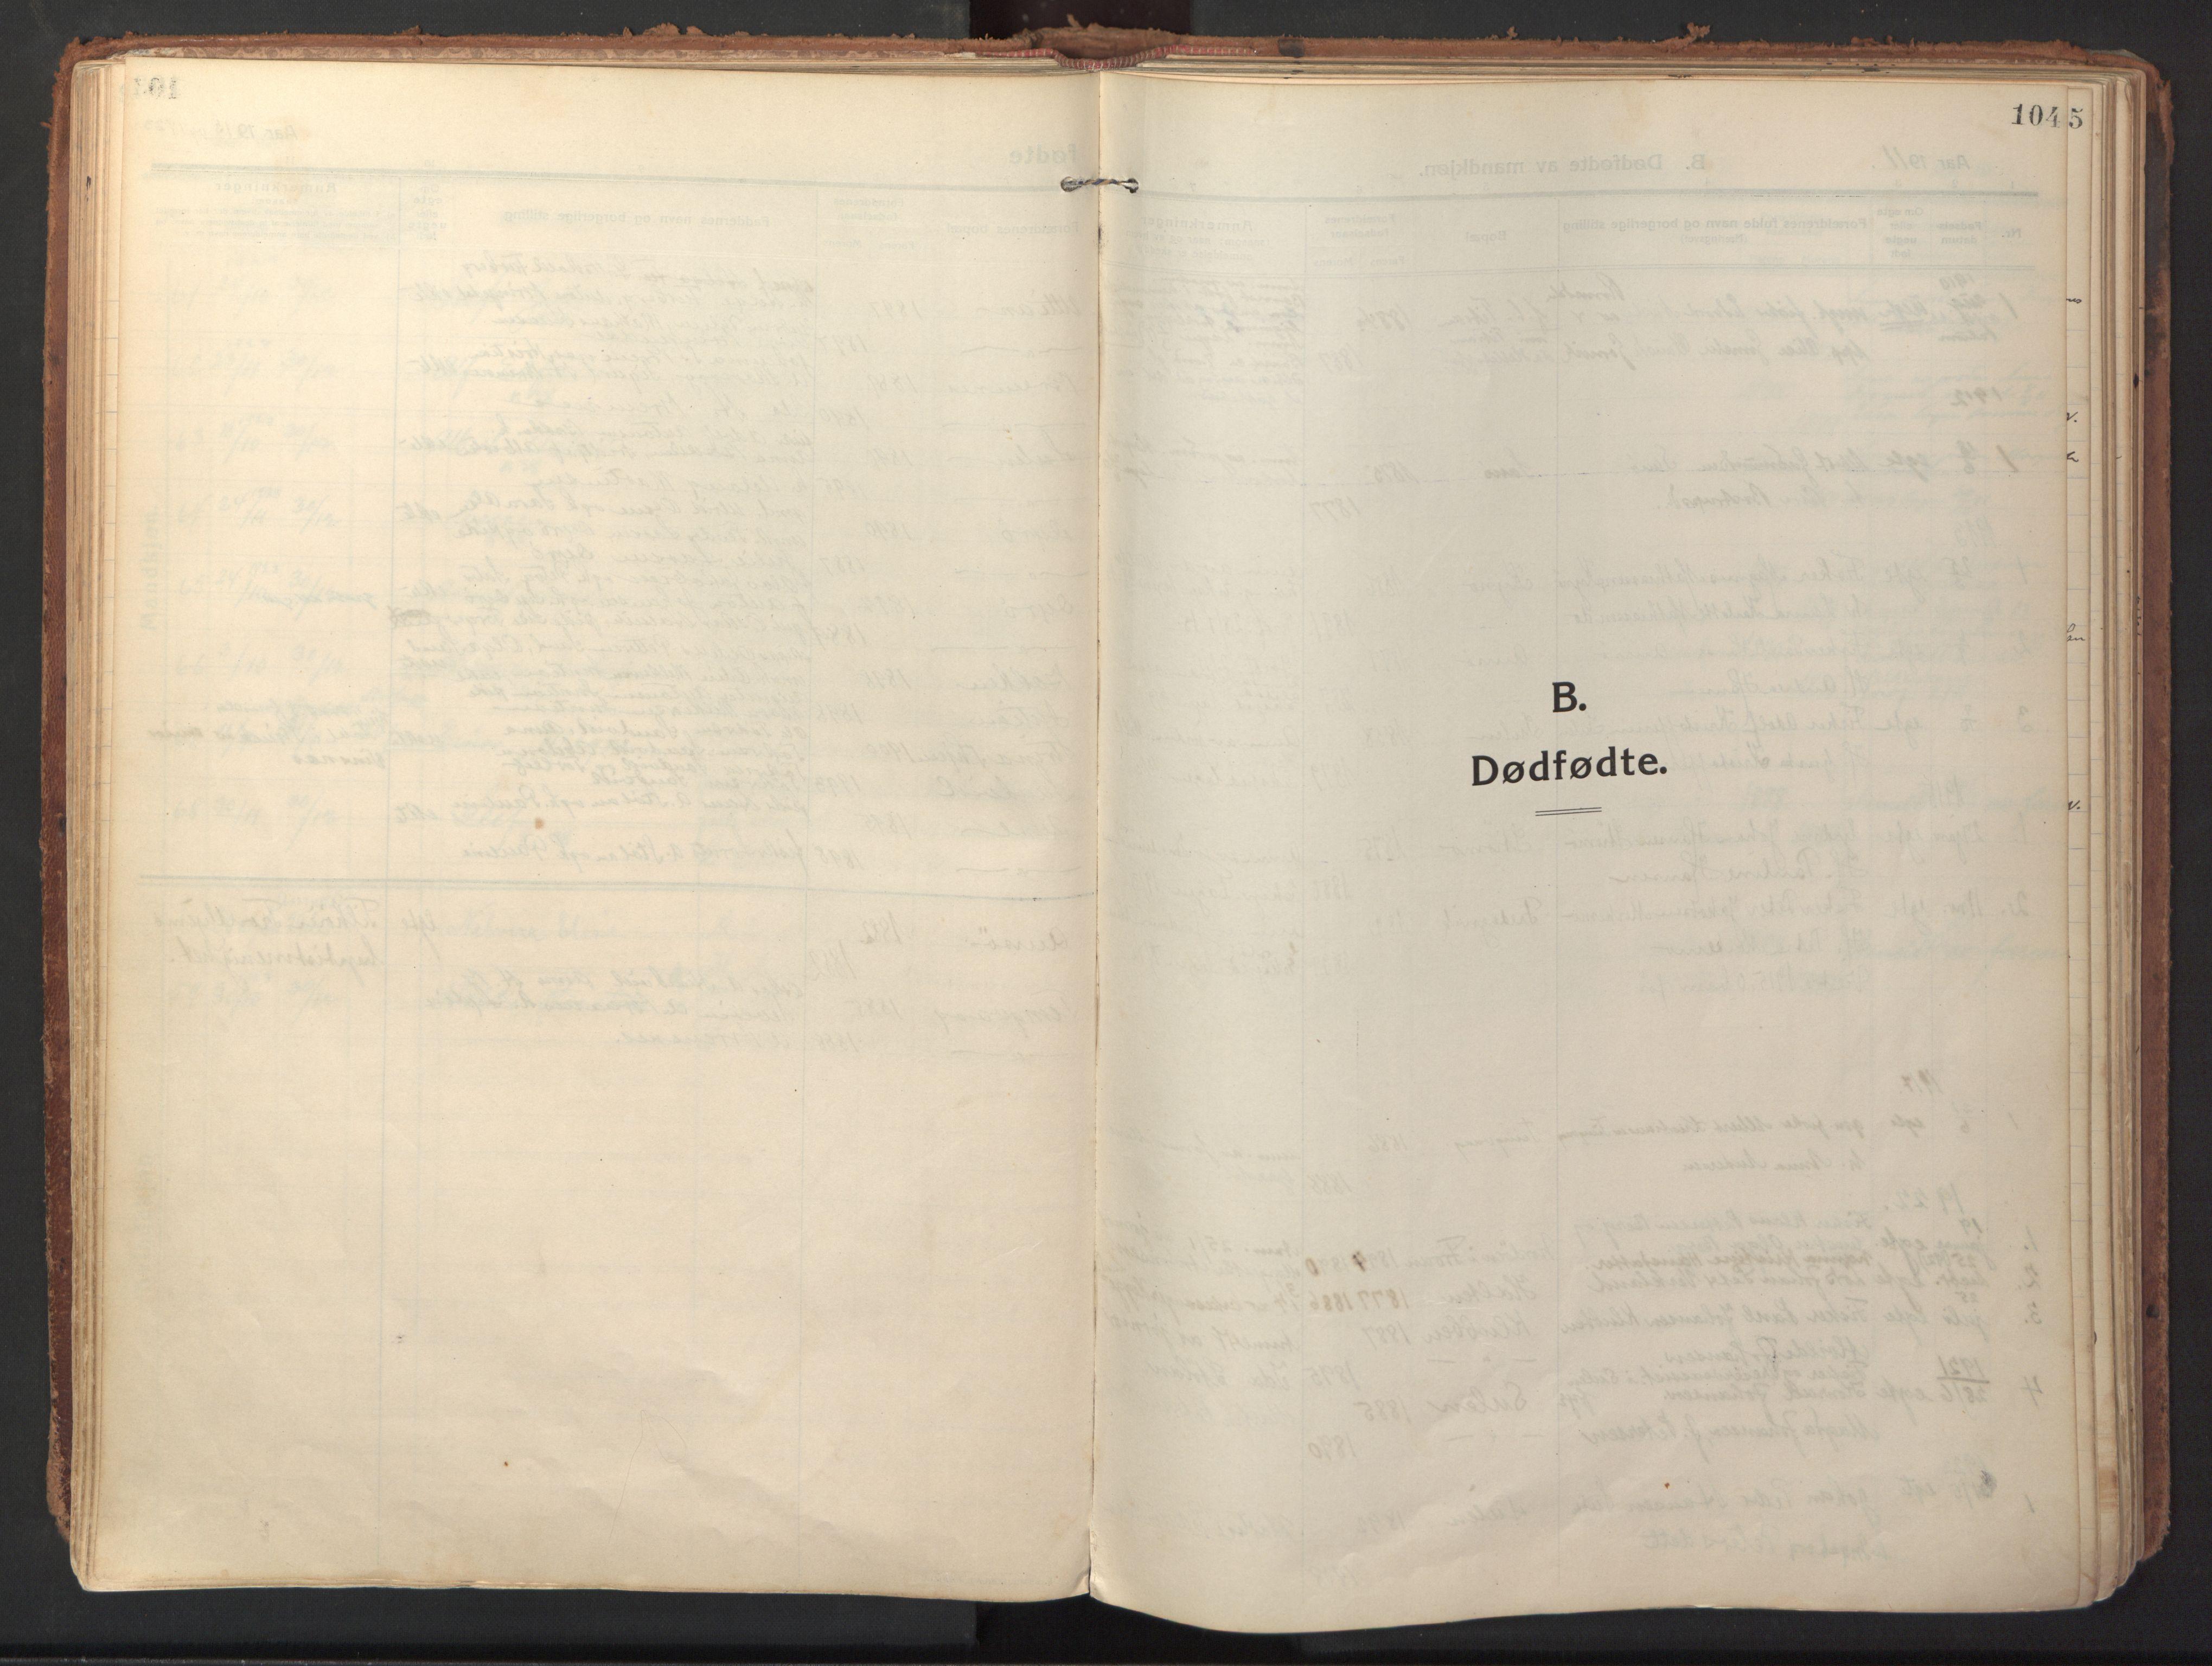 SAT, Ministerialprotokoller, klokkerbøker og fødselsregistre - Sør-Trøndelag, 640/L0581: Ministerialbok nr. 640A06, 1910-1924, s. 104